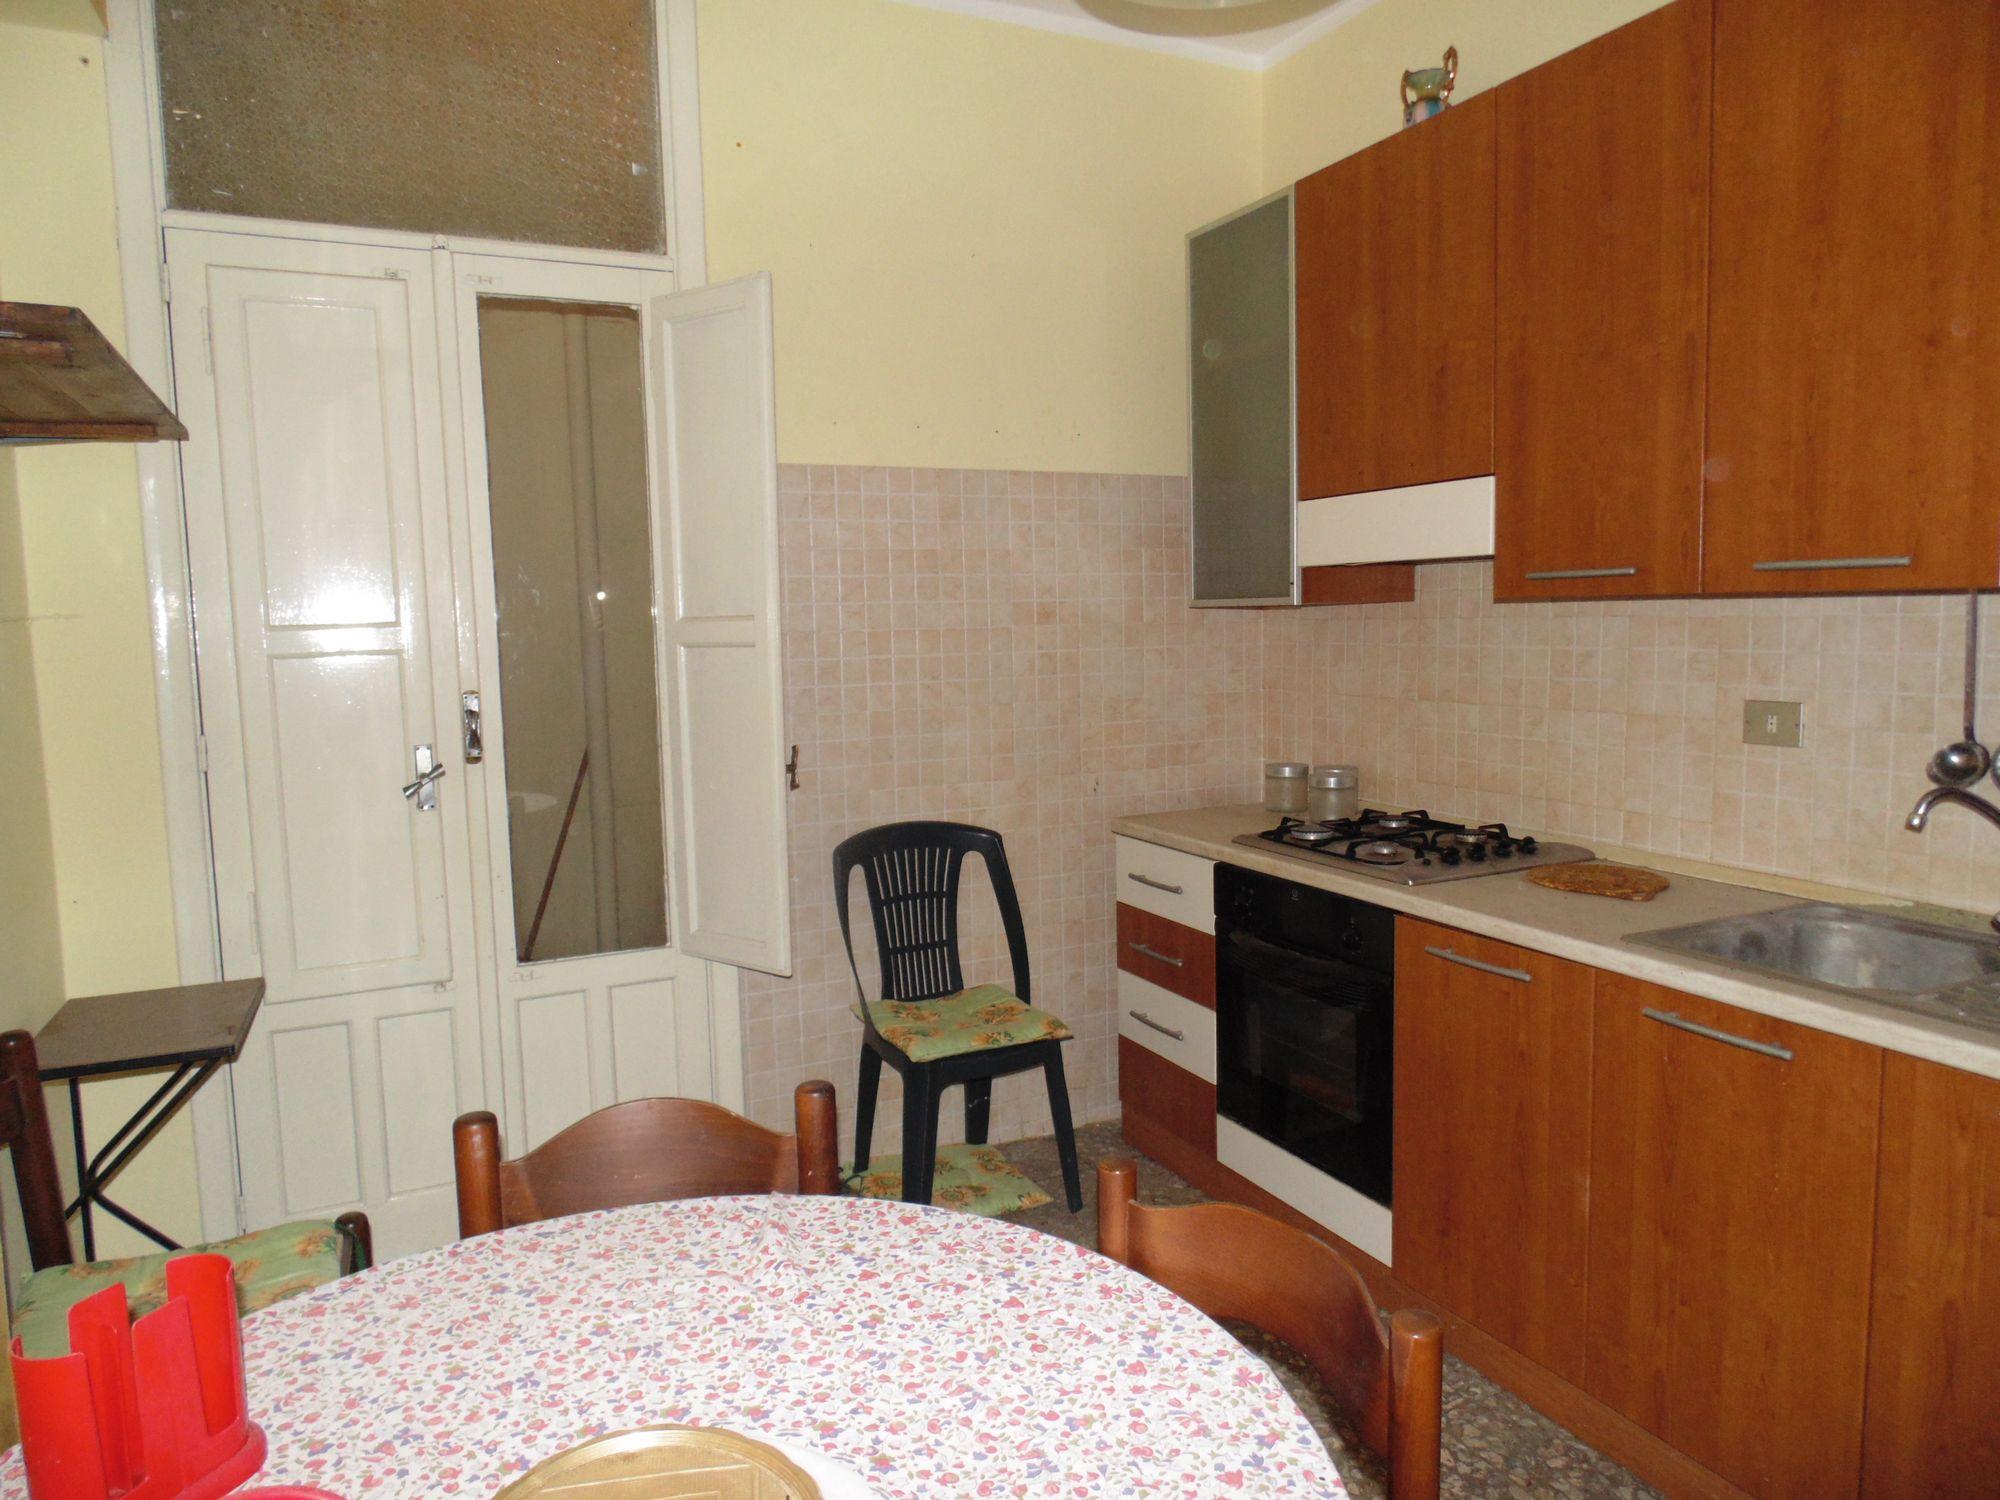 Appartamento al piano terra di 100 mq circa, composto da: ingresso, cucina, soggiorno, camera matrimoniale, cameretta, bagno.  ...